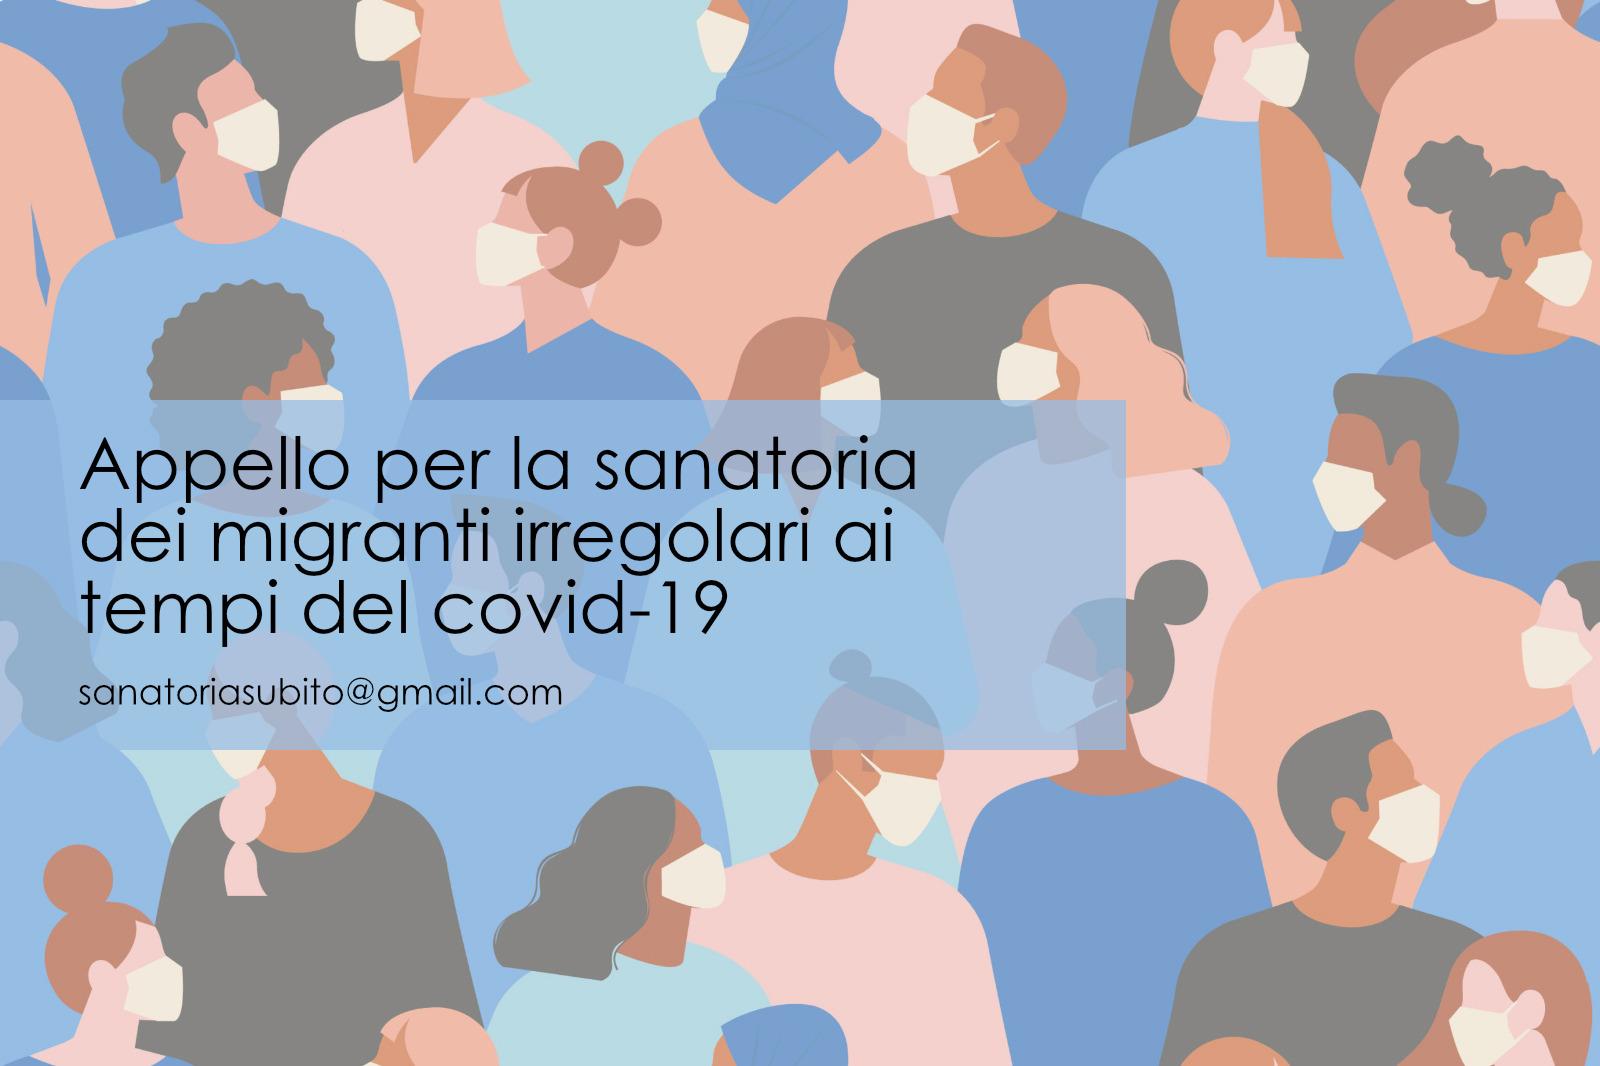 Appello per la sanatoria dei migranti irregolari ai tempi del Covid-19